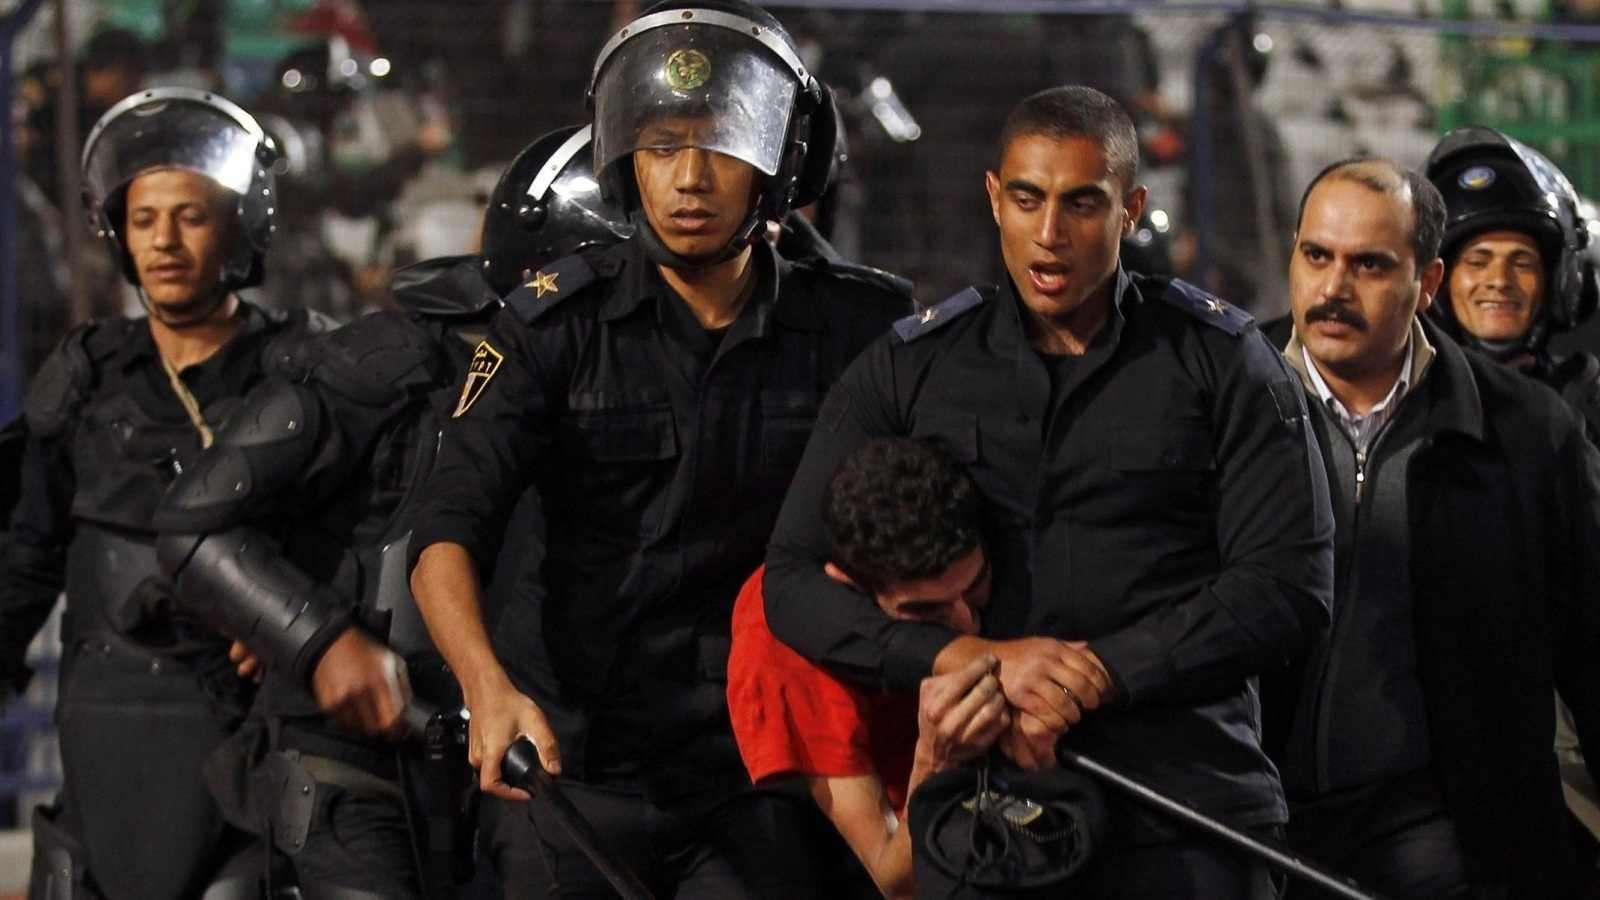 السعودية والإمارات ومصر على قائمة أشد المنتهكين، الأورومتوسطي يدعو لحماية أممية للمدافعين عن حقوق الإنسان